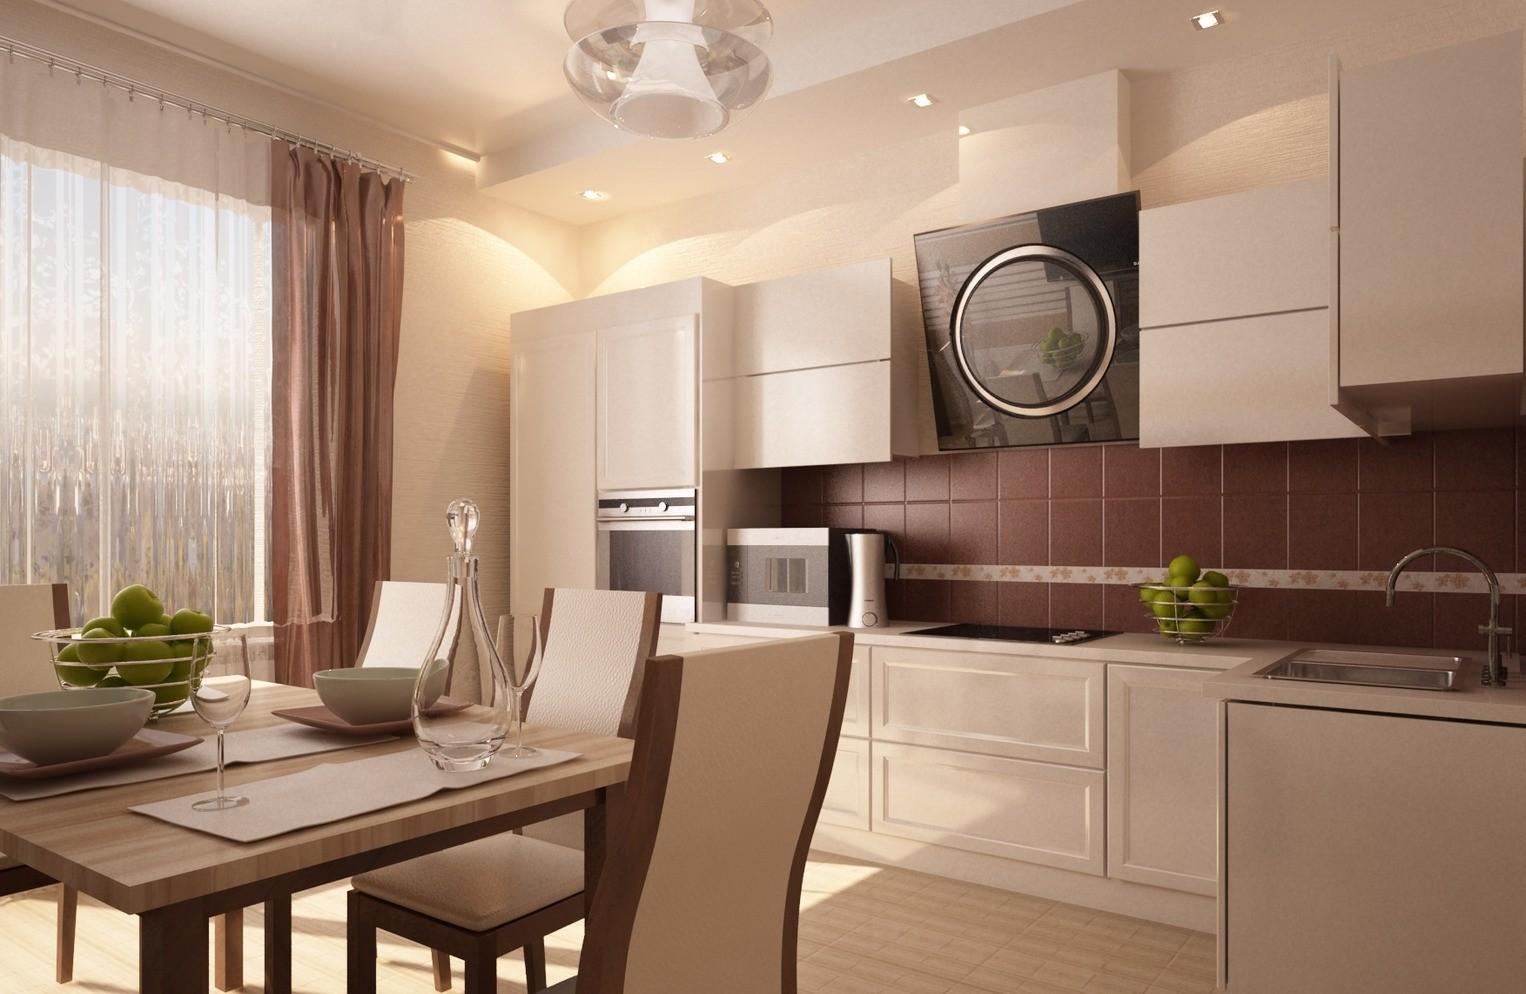 Столешница для белой кухни 36 фото особенности дизайна с коричневой бежевой и синей столешницами Какой цвет выбрать для светлой глянцевой кухни